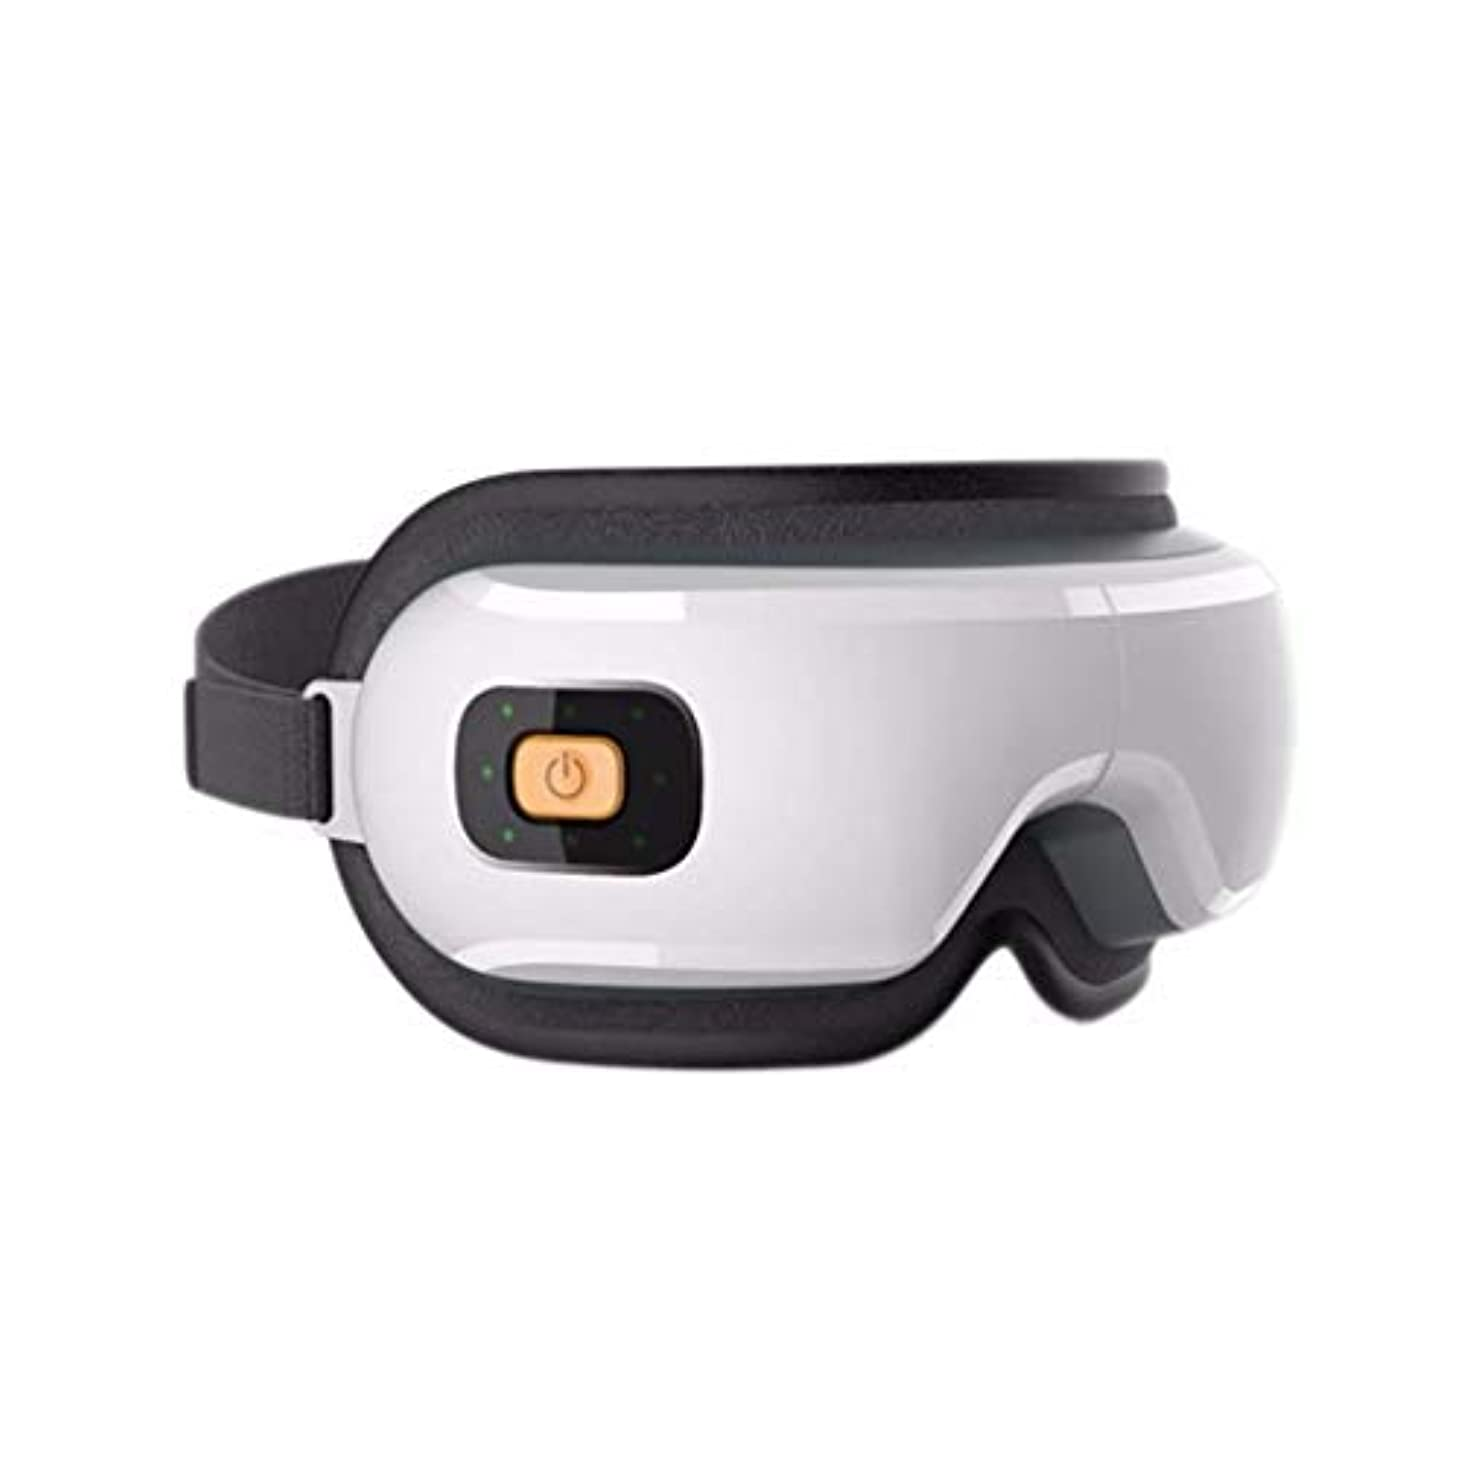 マガジンとまり木霧深いアイマッサージャー、電動ポータブルアイマッサージツール、USB充電、スマートアイケア、加熱/振動/音楽/リラックス、アイバッグとダークサークルの緩和、目の疲労 (Color : 白)